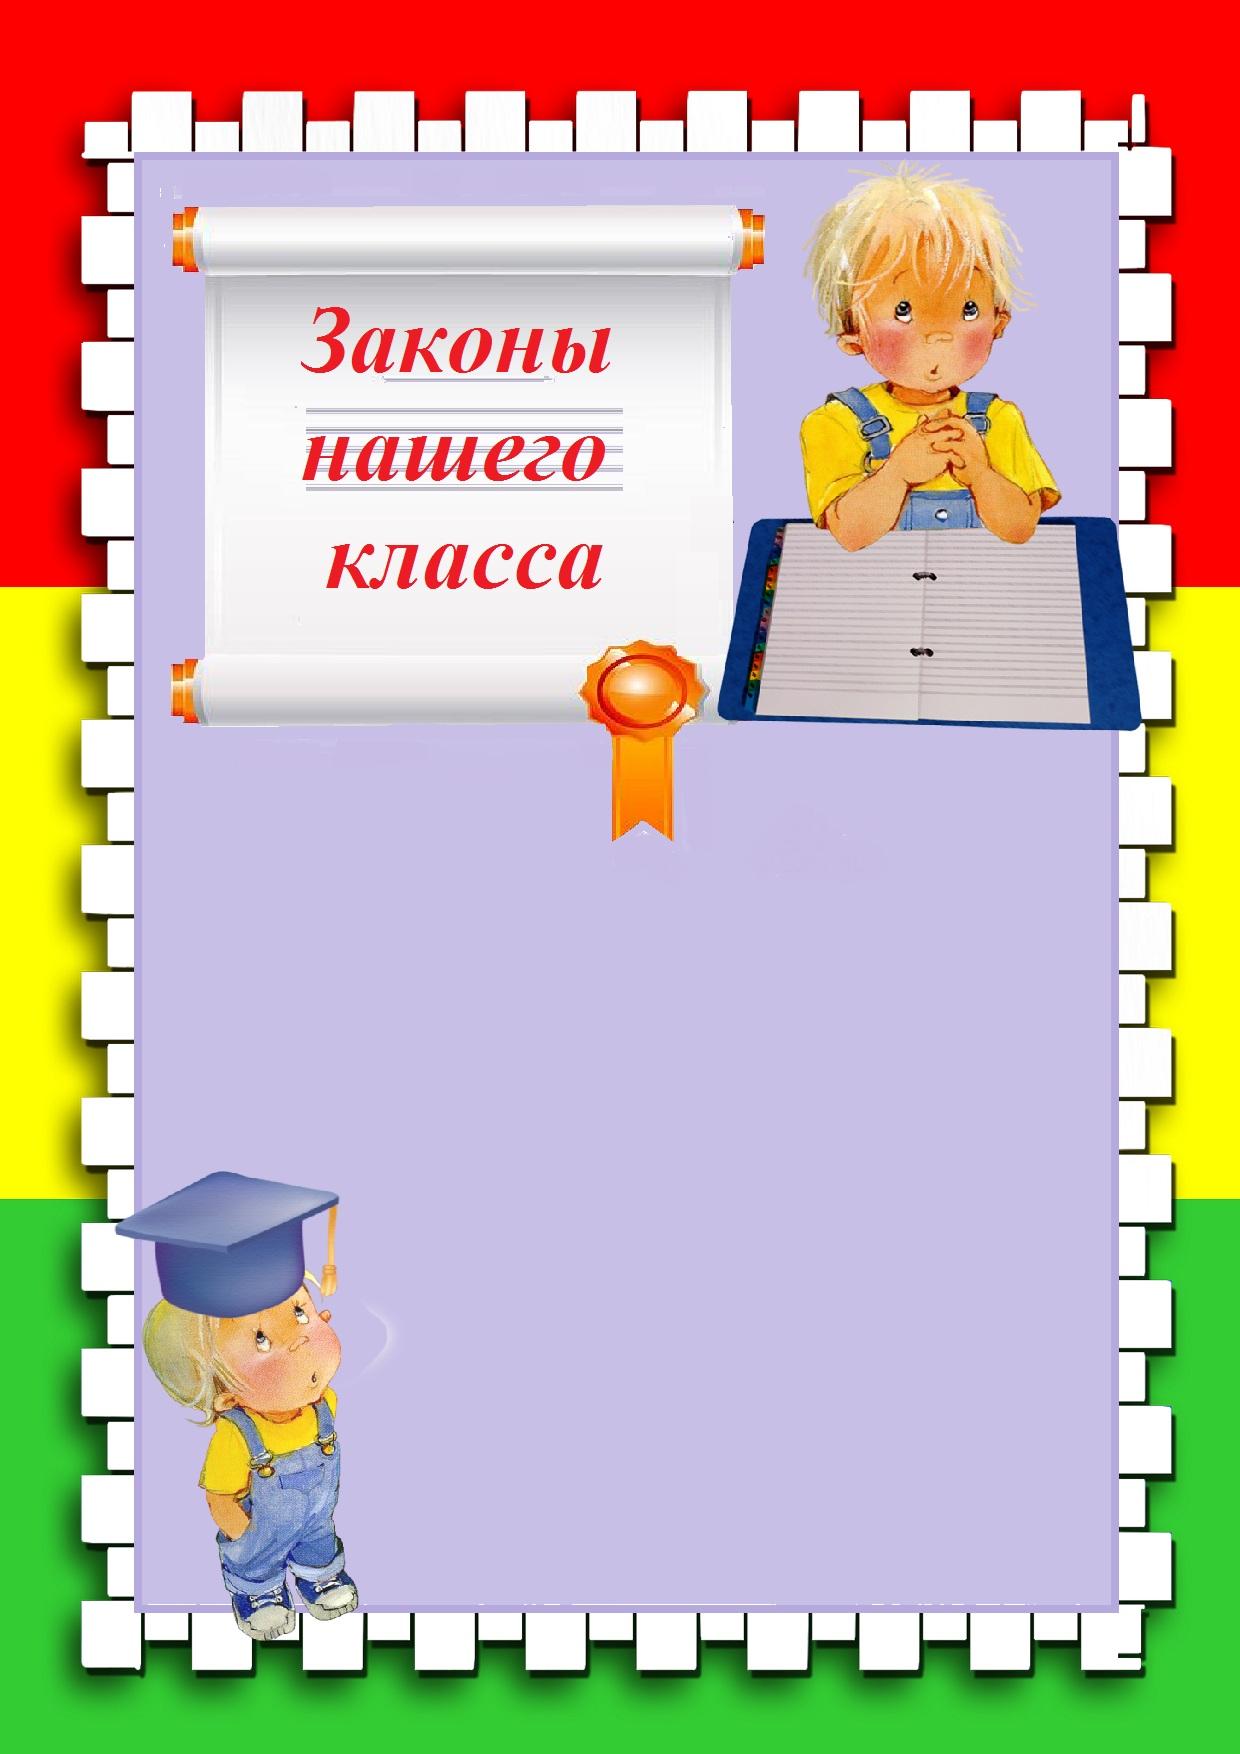 Картинки школьного уголка класса